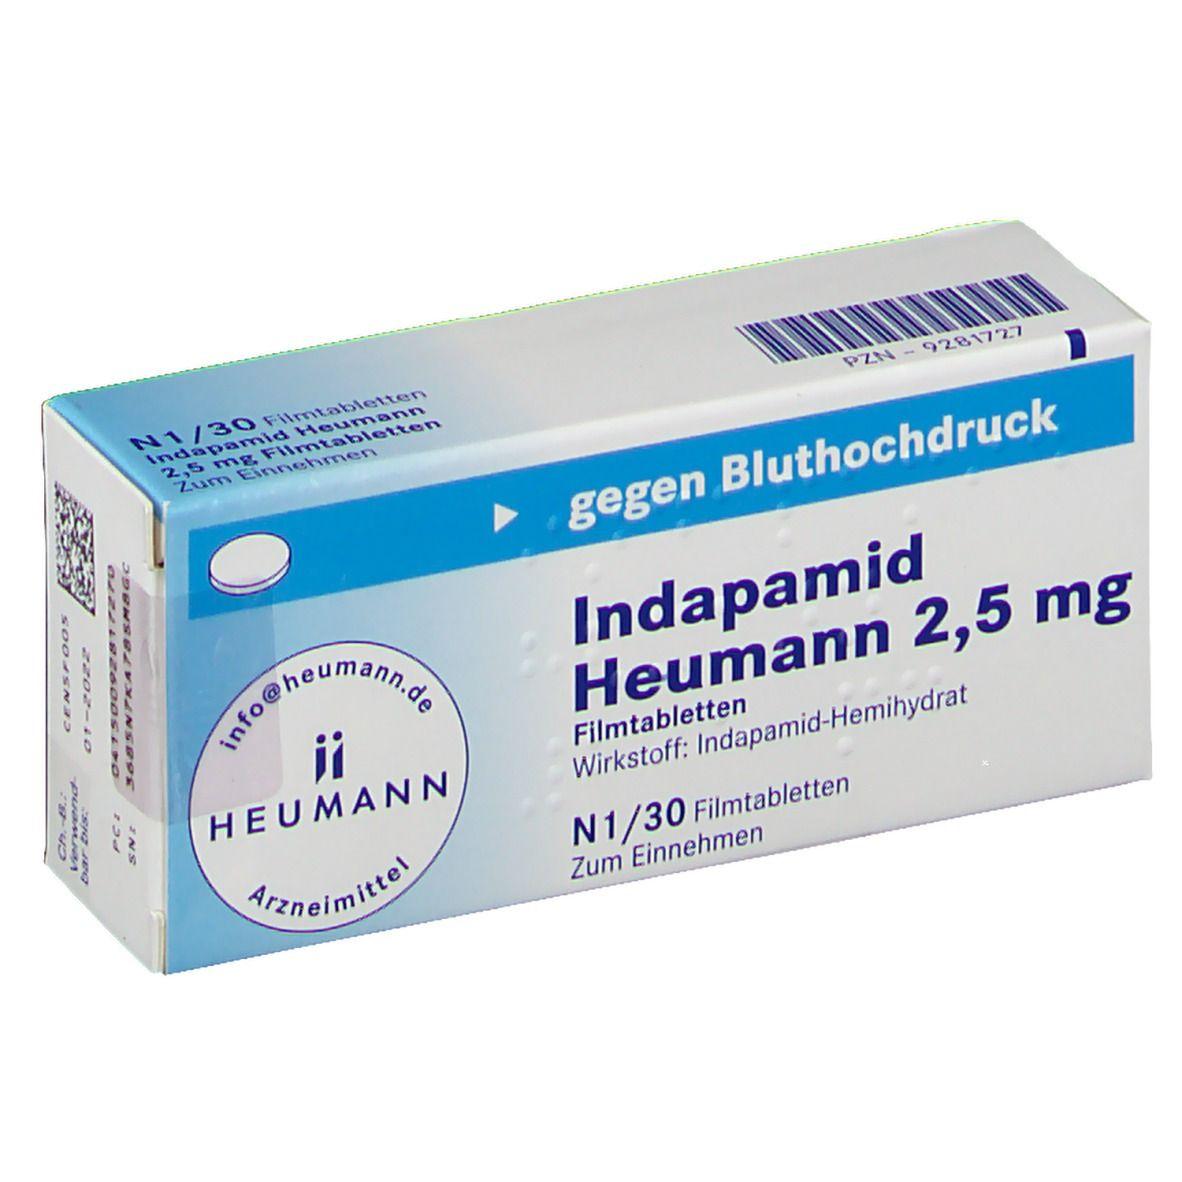 Indapamid Heumann 20,20 mg 20 St   shop apotheke.com